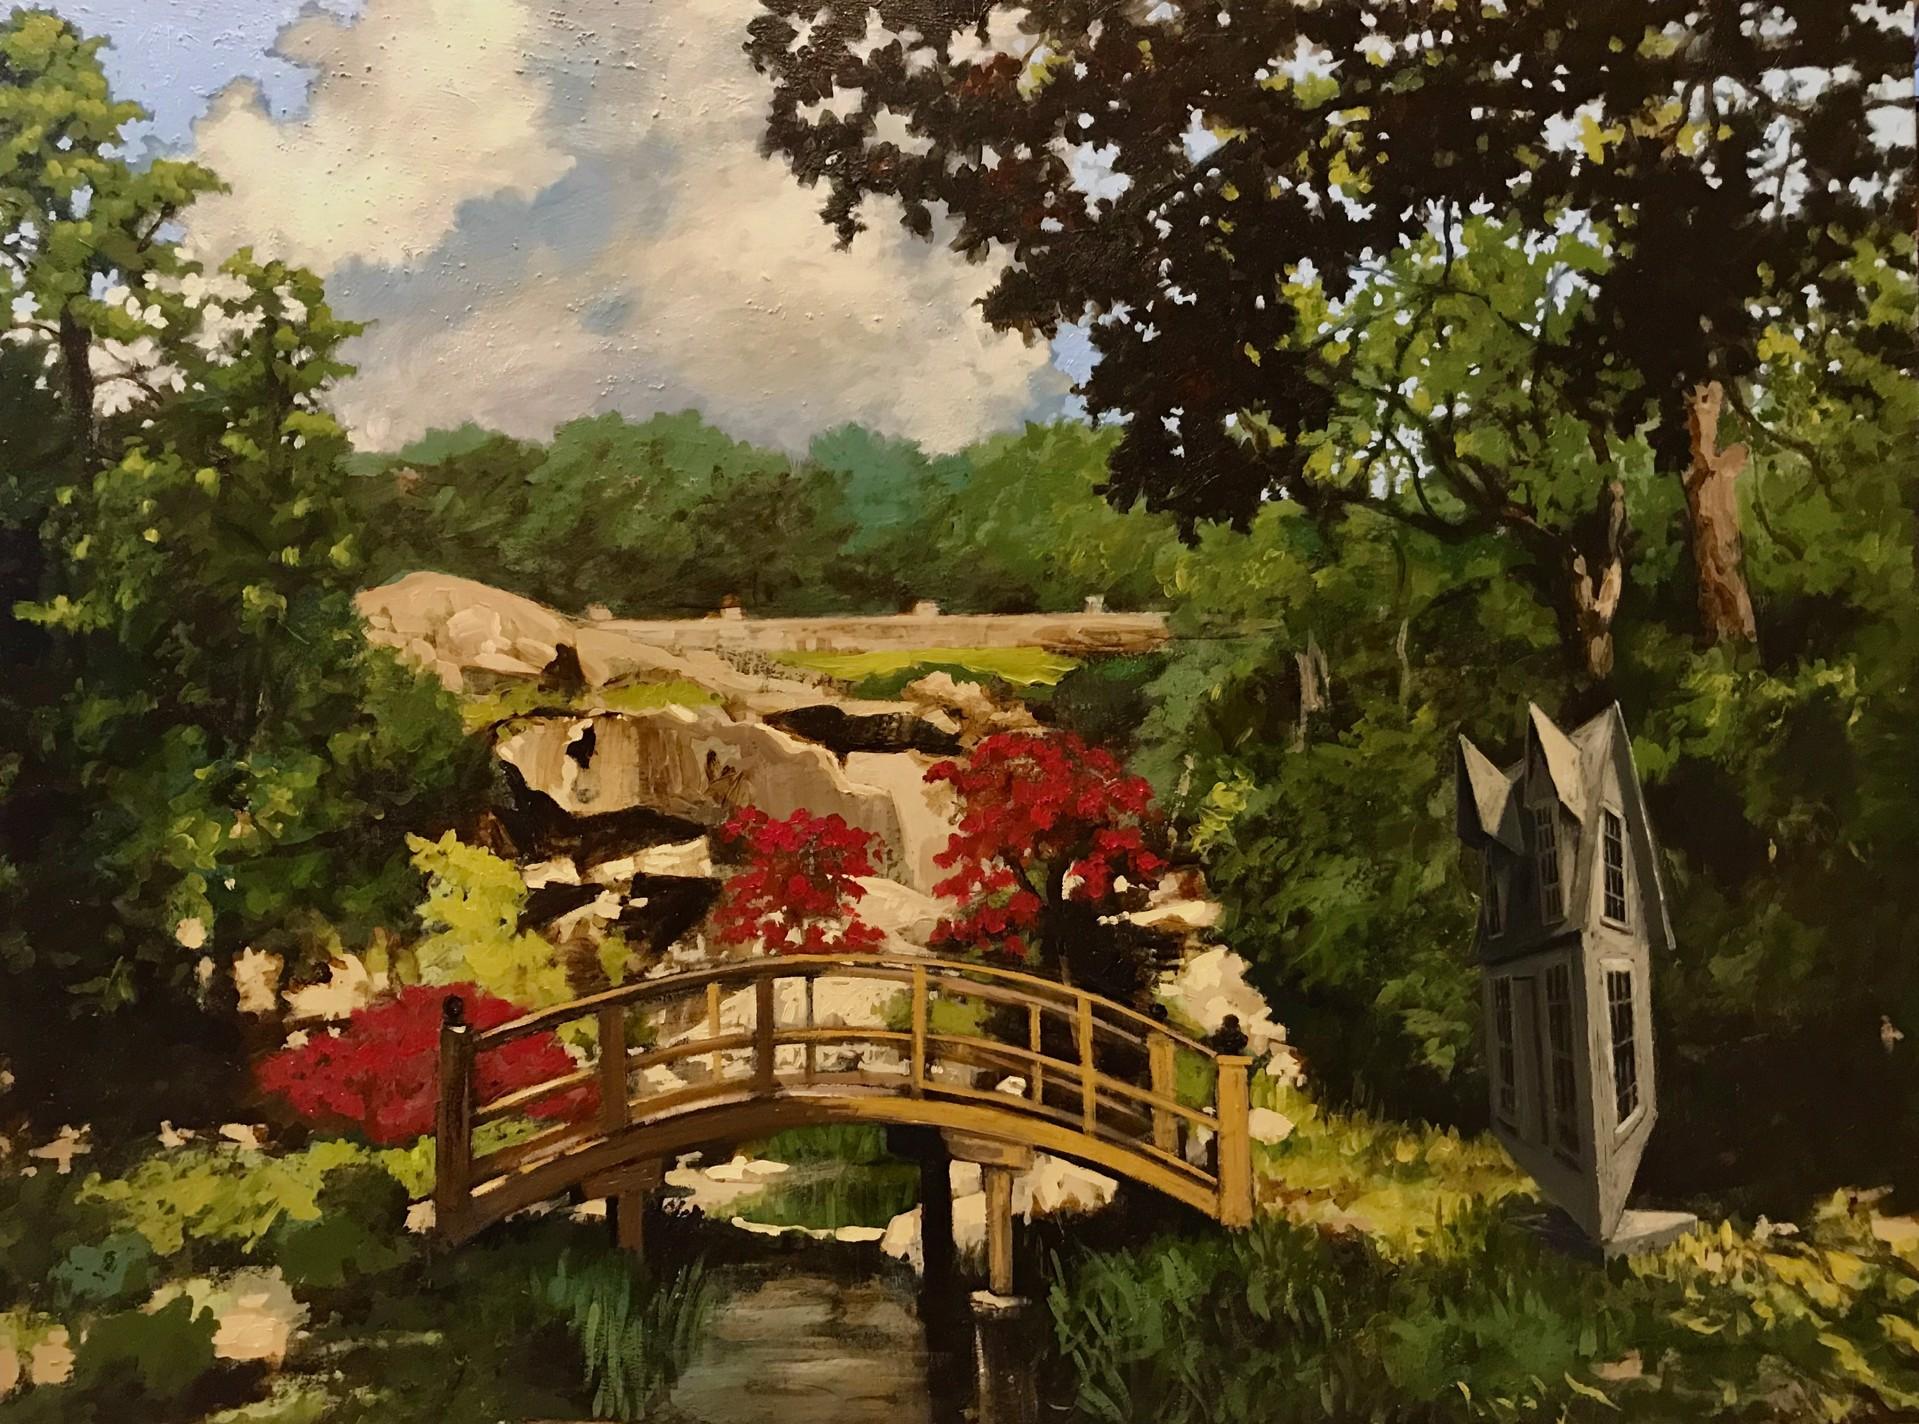 Maymont at Japense Garden by Matt Lively